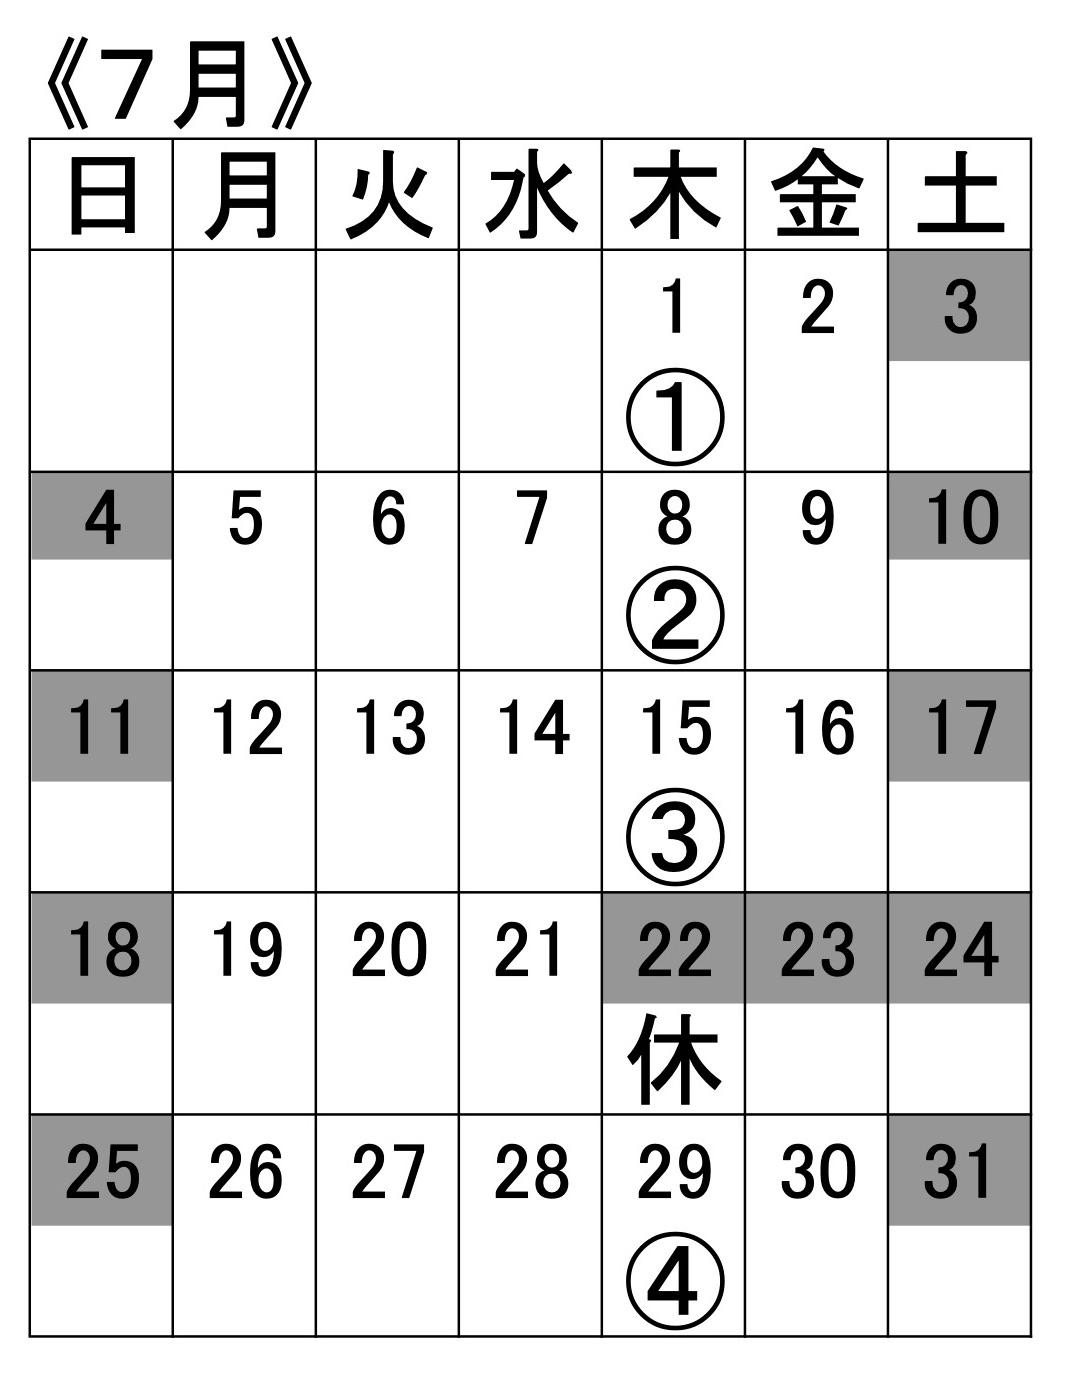 ベーシッククラスの7月のスケジュール